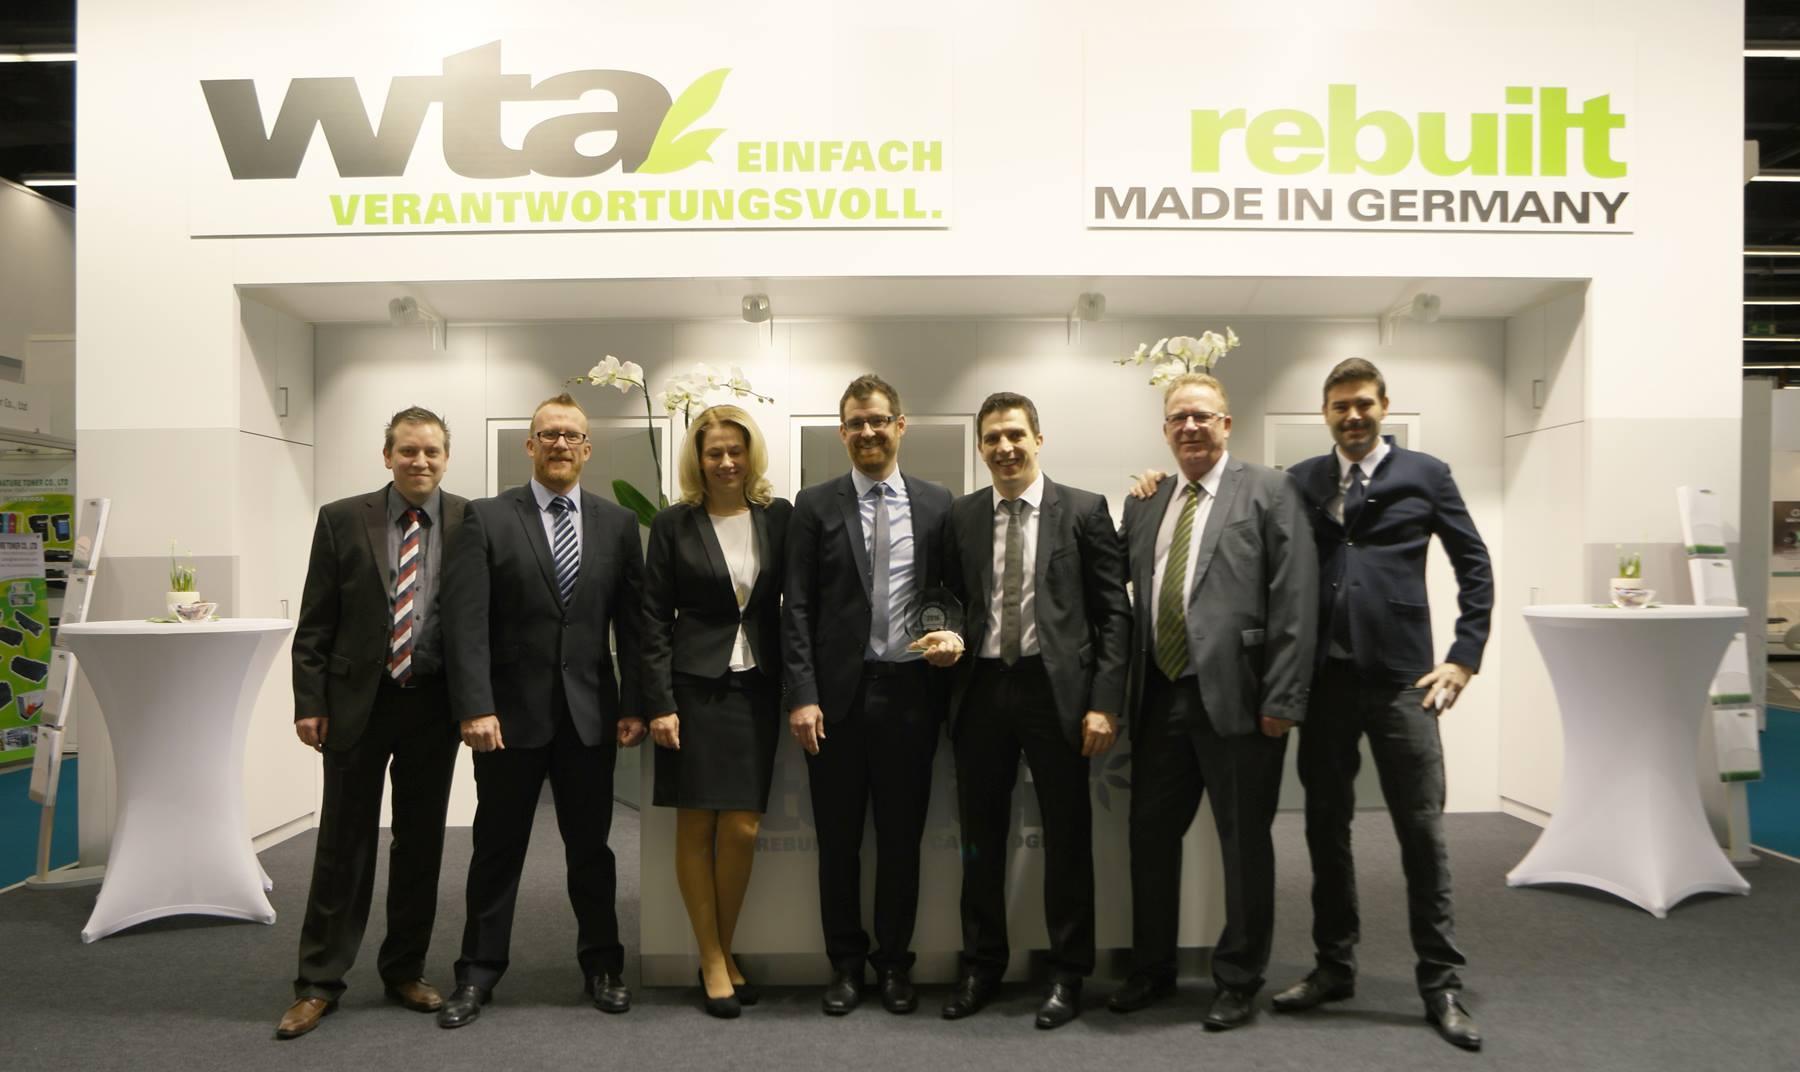 Team der wta Carsten Weser GmbH Suhl mit Messestand auf der Remanexpo@Paperworld